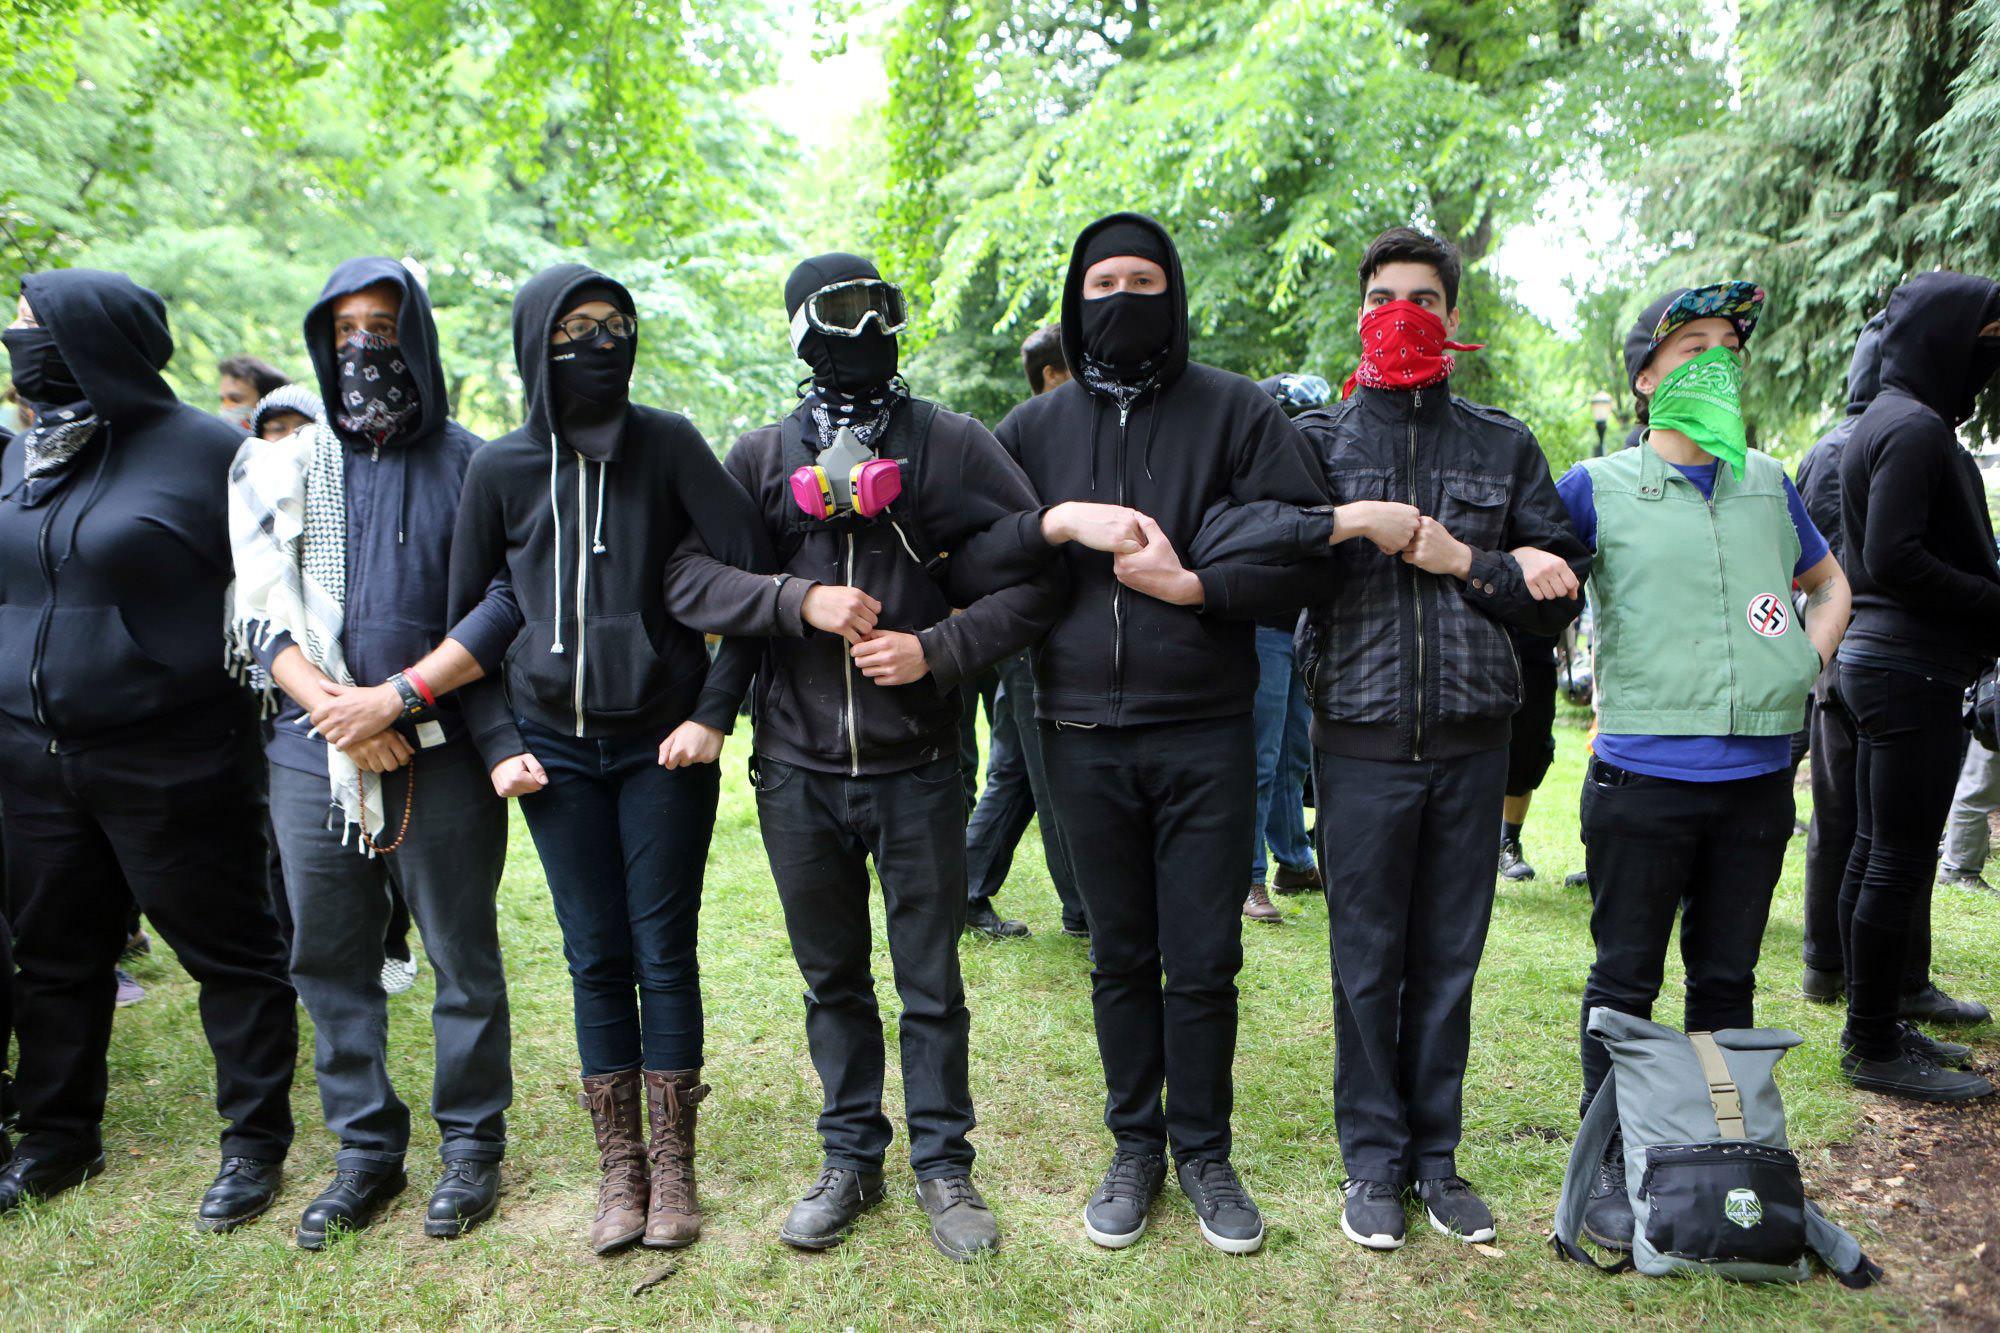 Antifascists in Portland June 4